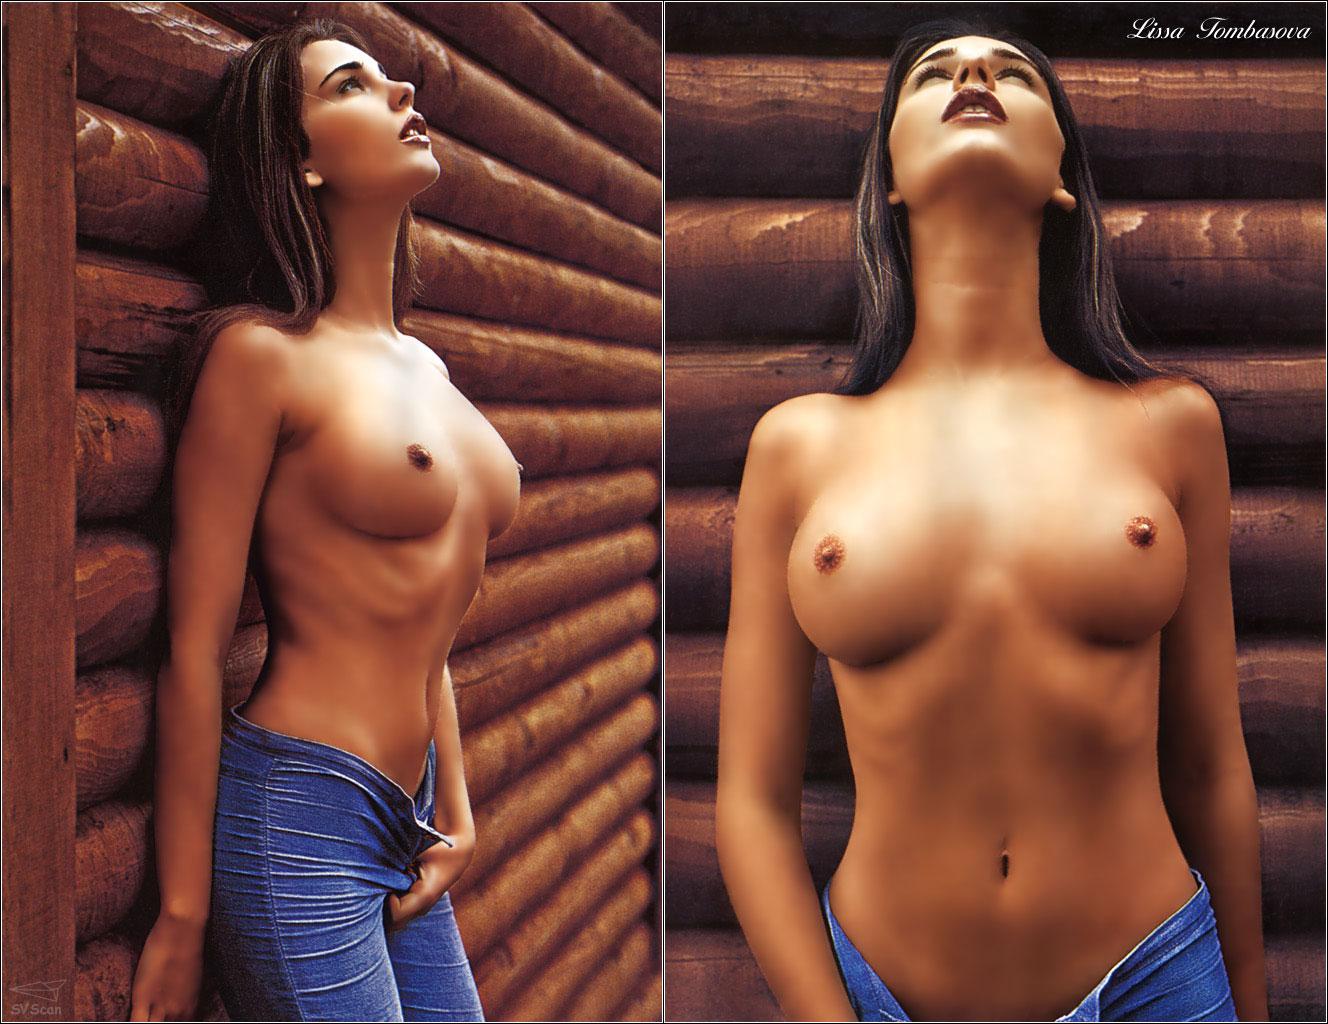 Фотографии среднего размера сисек 18 фотография